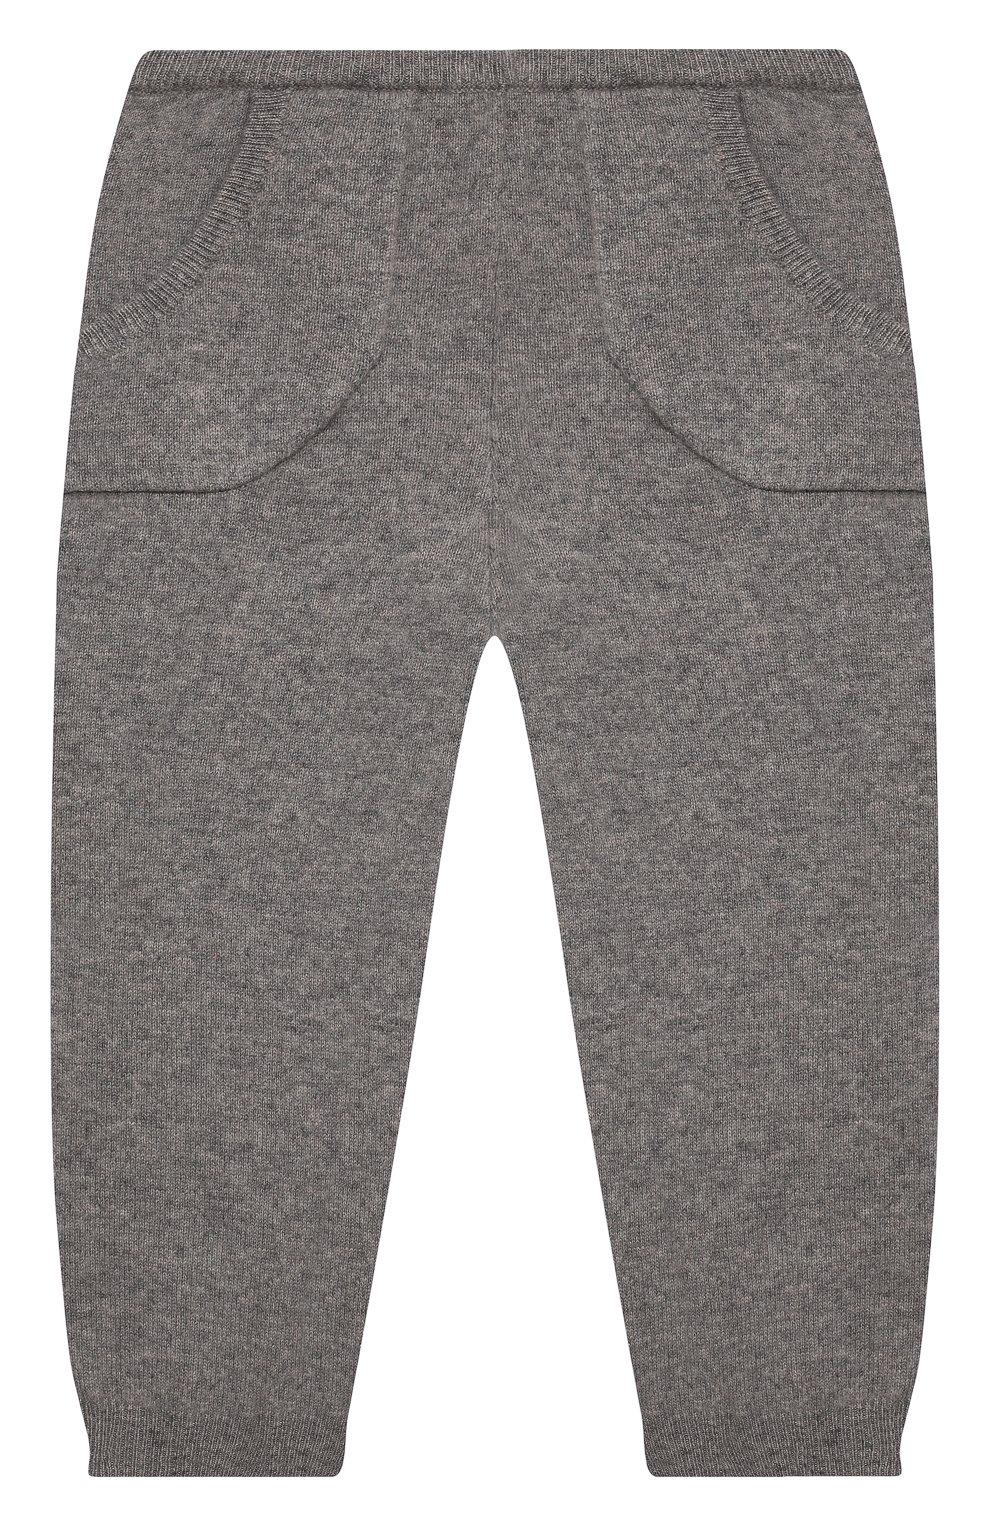 Детские кашемировые джоггеры OSCAR ET VALENTINE серого цвета, арт. LЕG01BS   Фото 1 (Материал внешний: Шерсть, Кашемир; Ростовка одежда: 12 мес   80 см, 18 мес   86 см, 2 года   92 см)